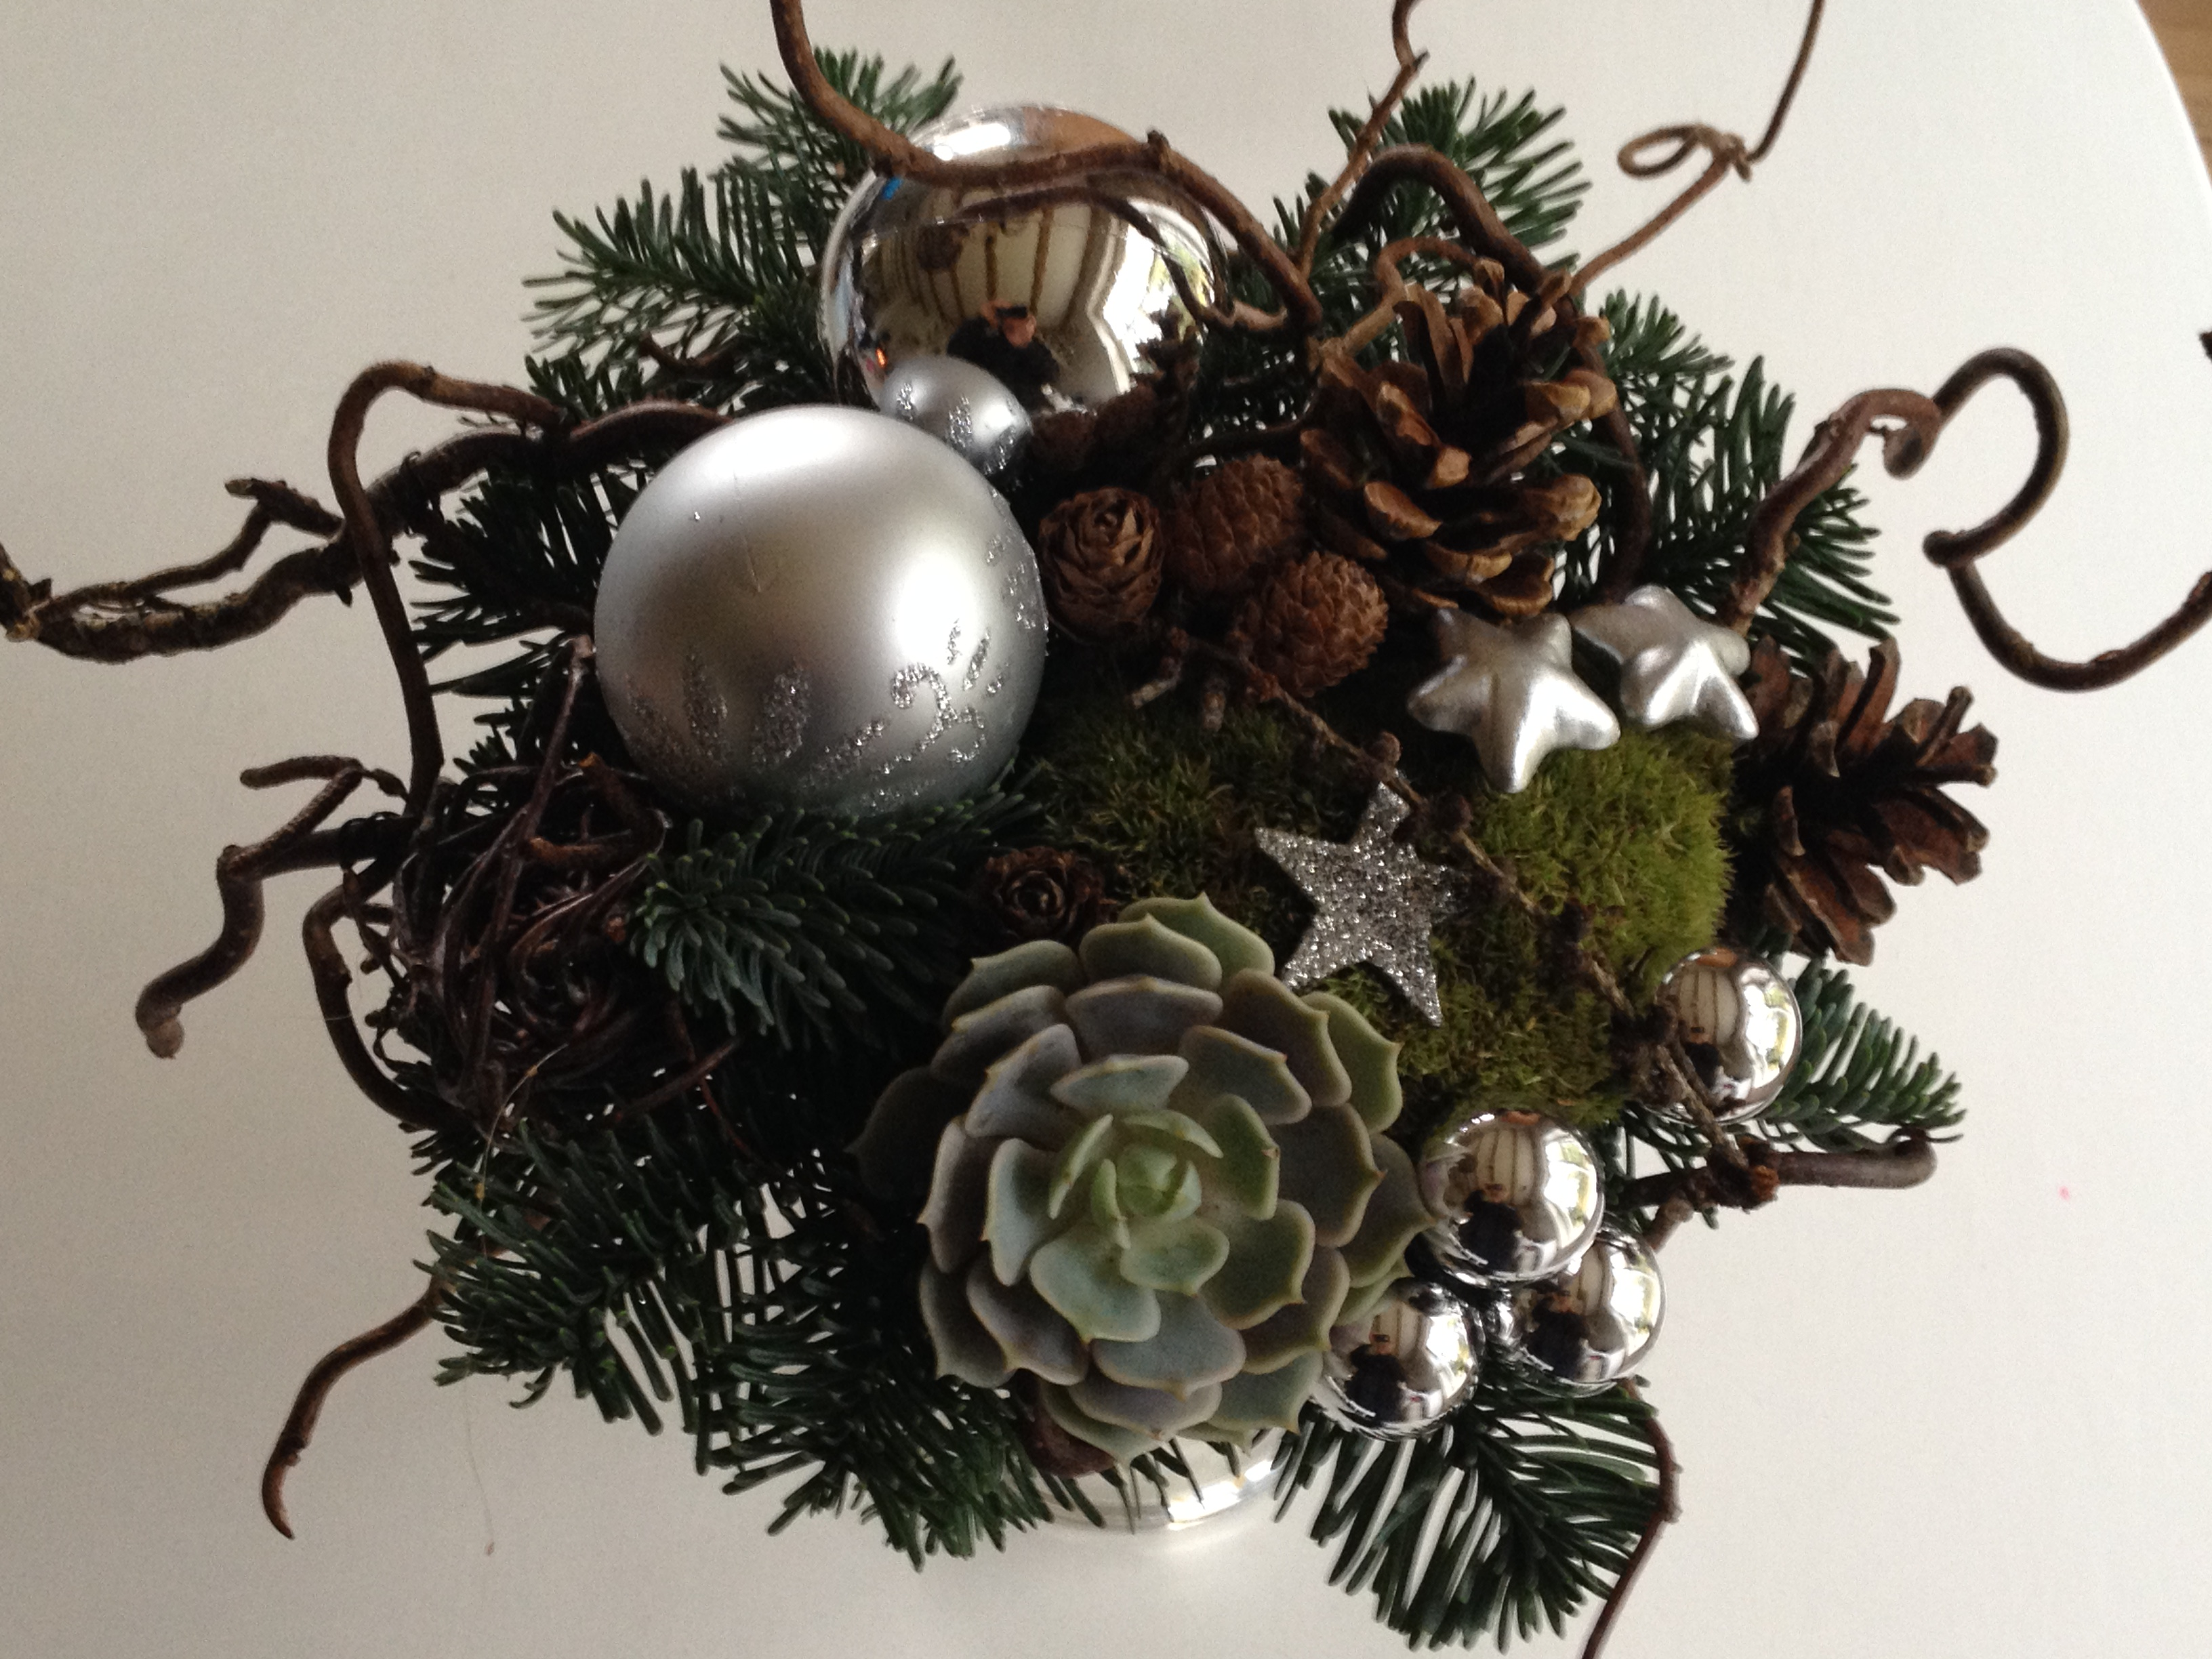 Eksempel på Juledekorationer